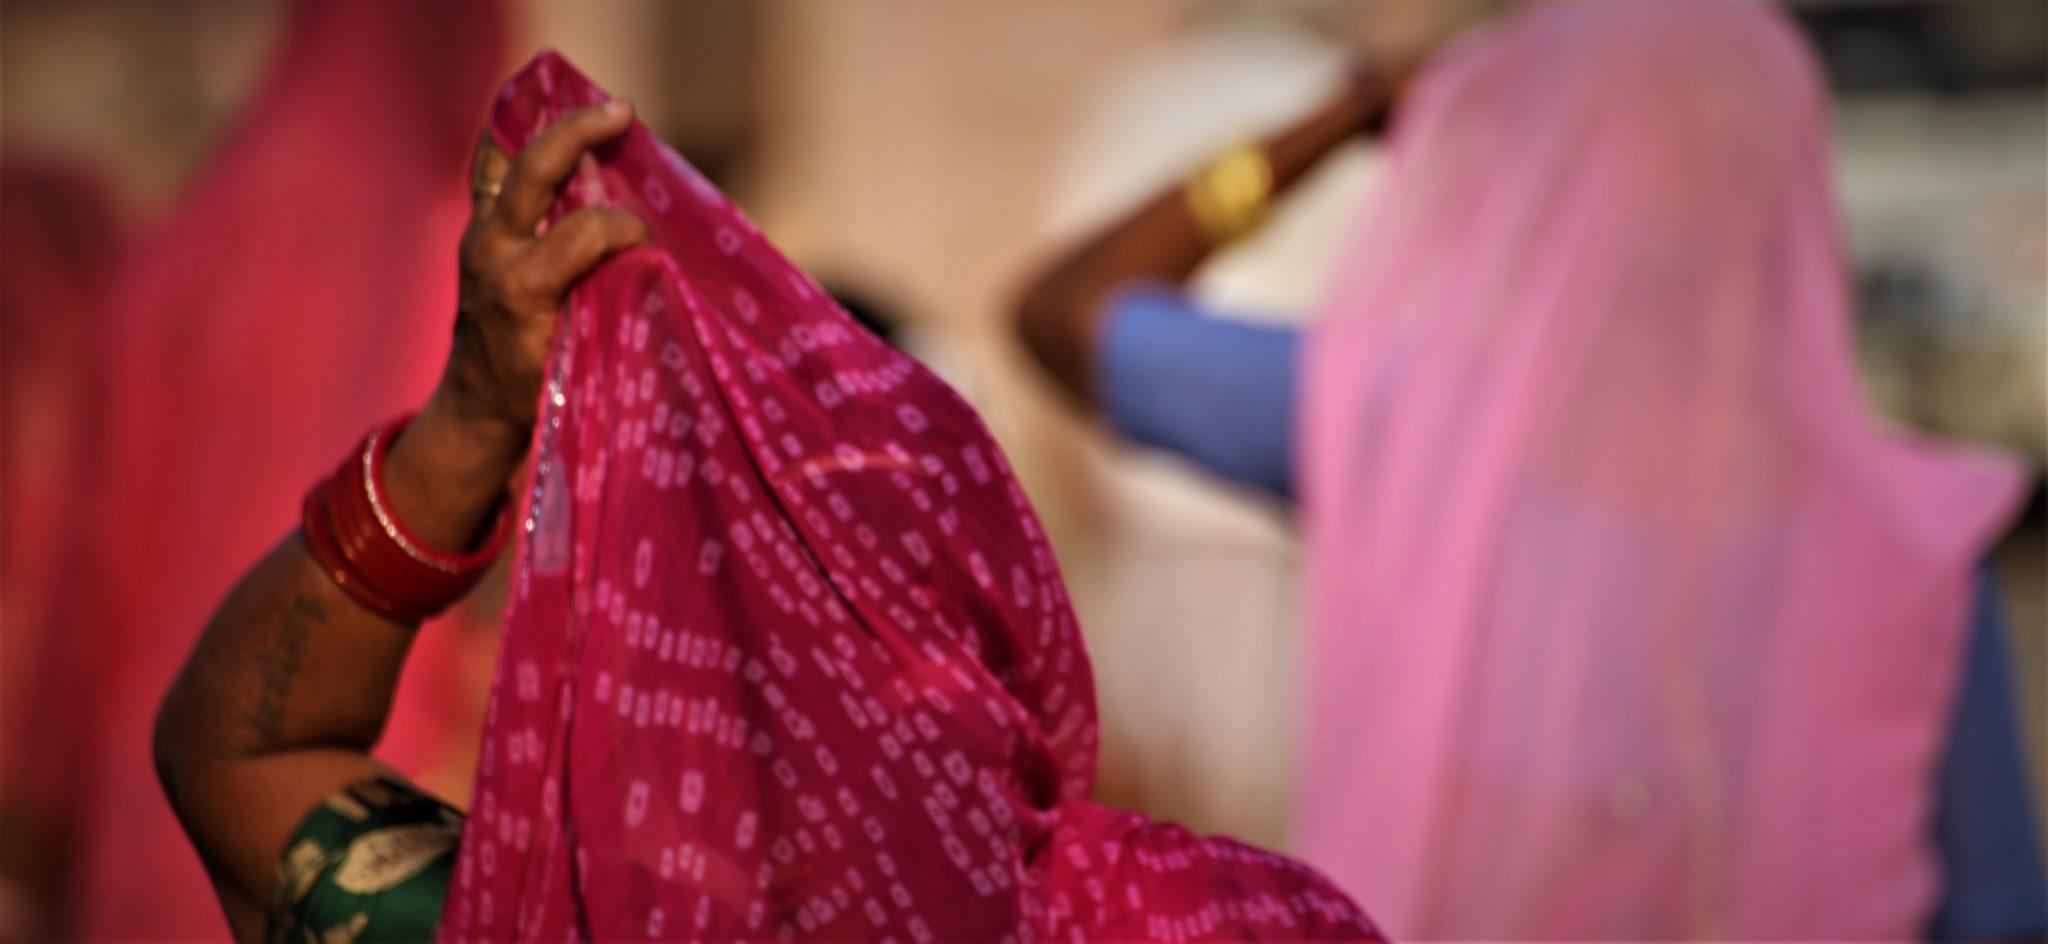 Dupatta foulard indien achat pas cher PARIS Mes Indes Galantes